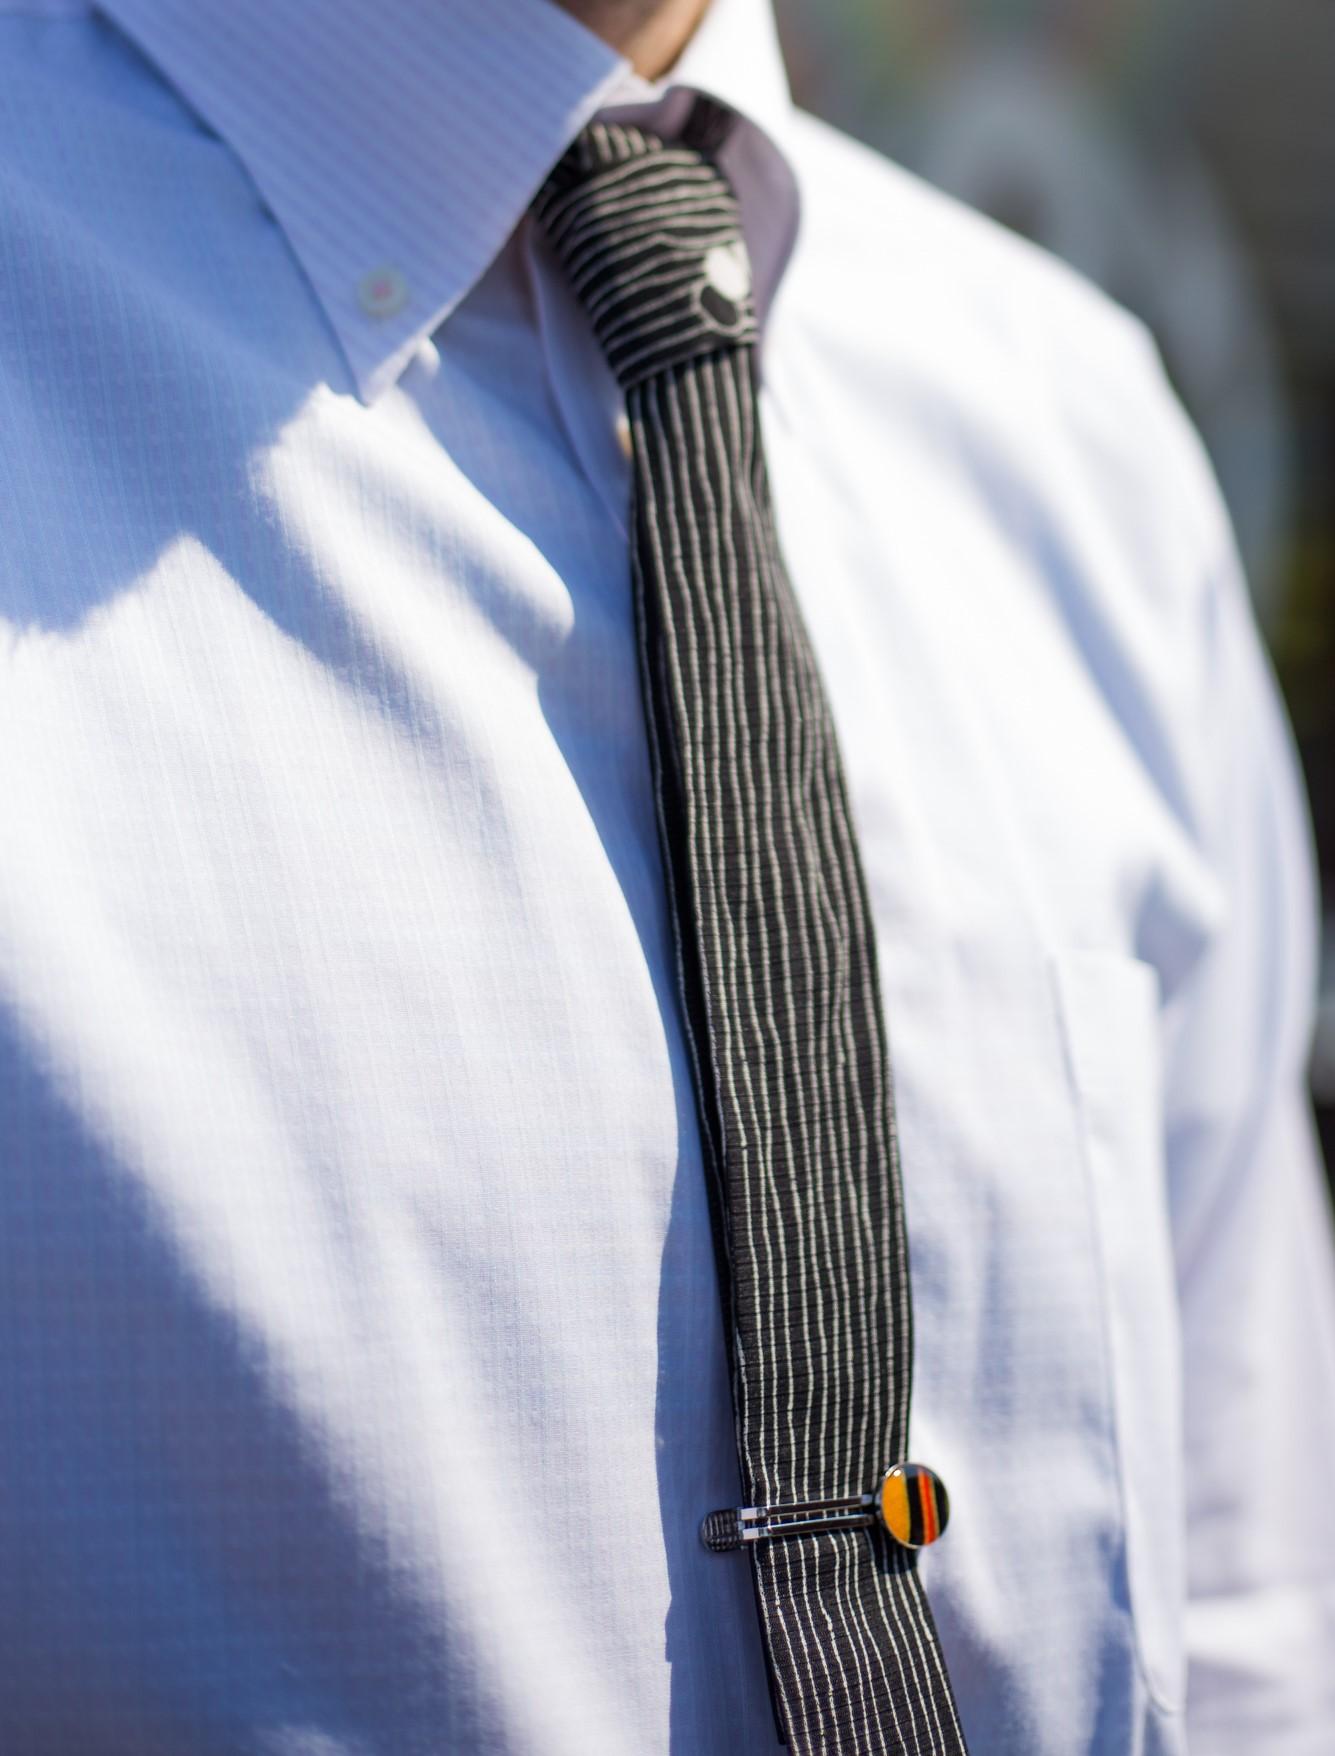 Kimono tie and tie pin.jpg